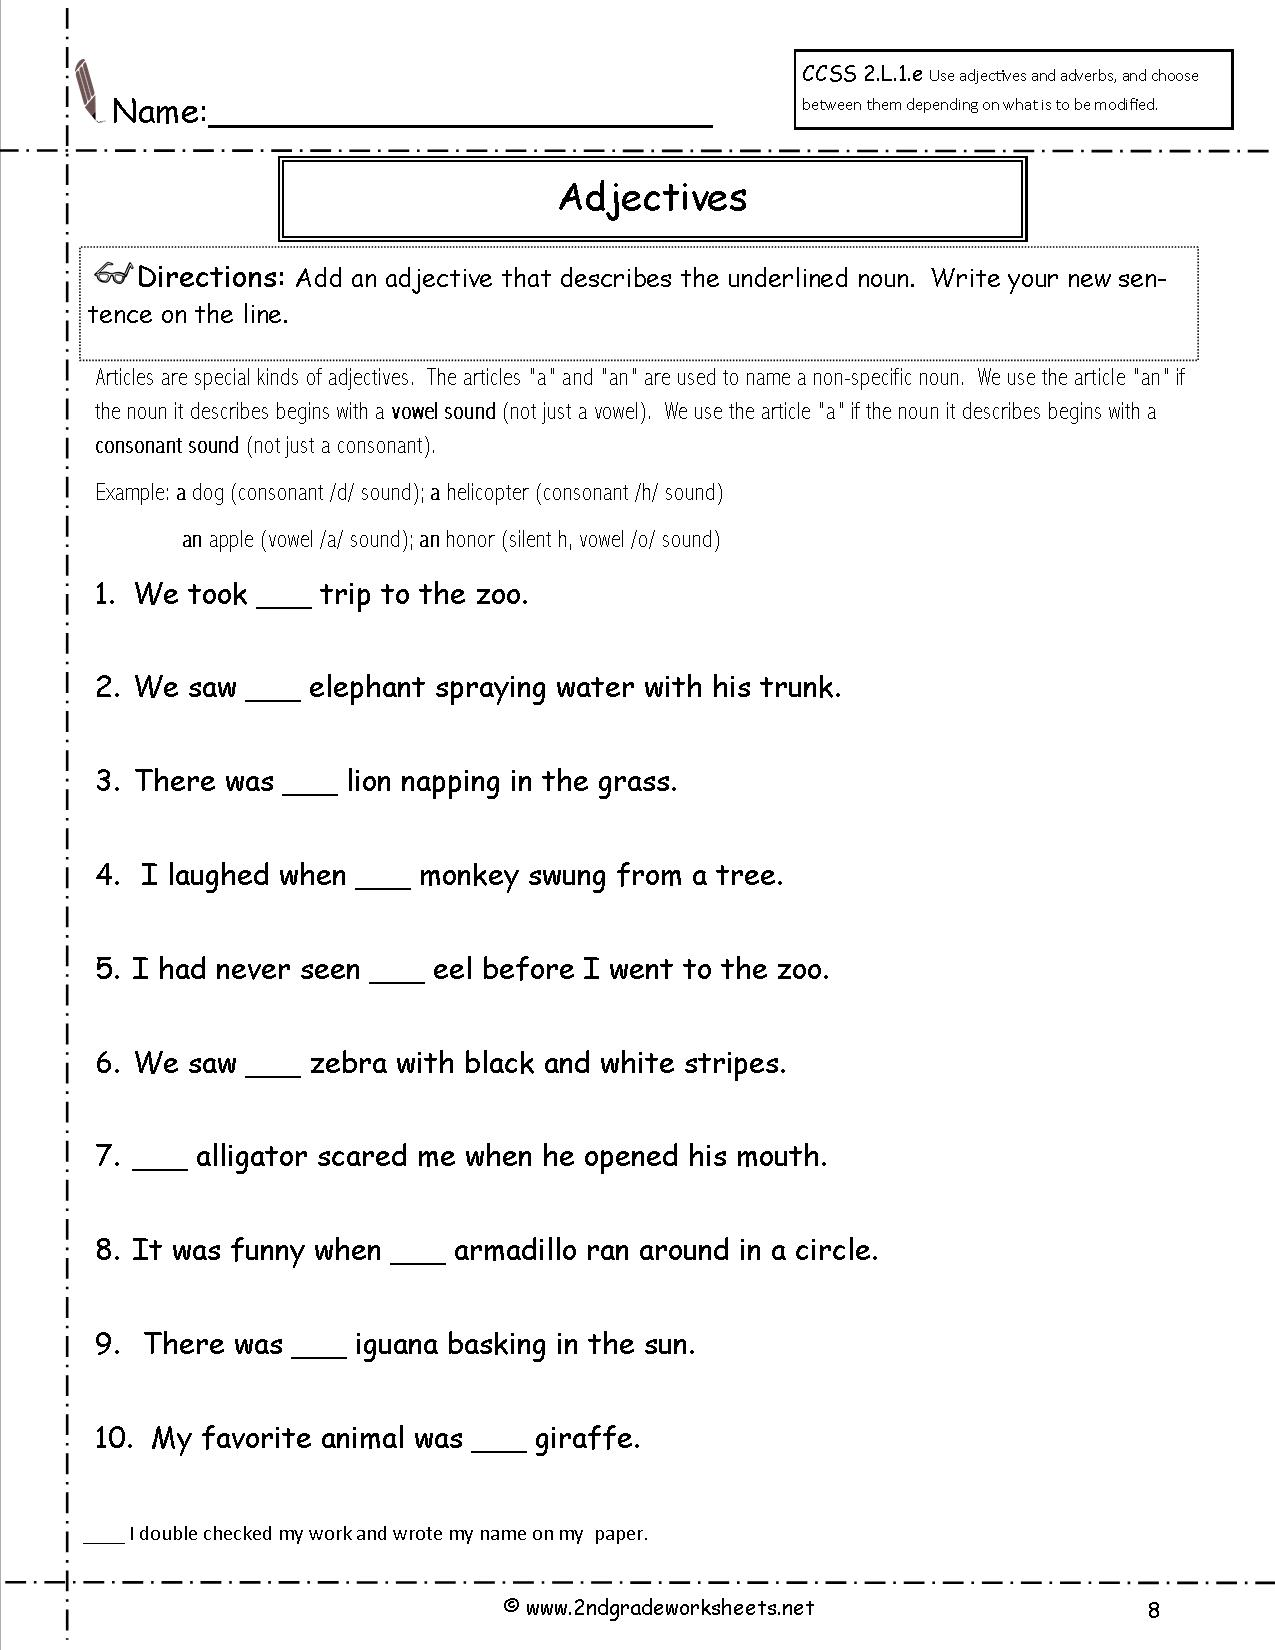 14 Best Images Of Forming Sentences Worksheets